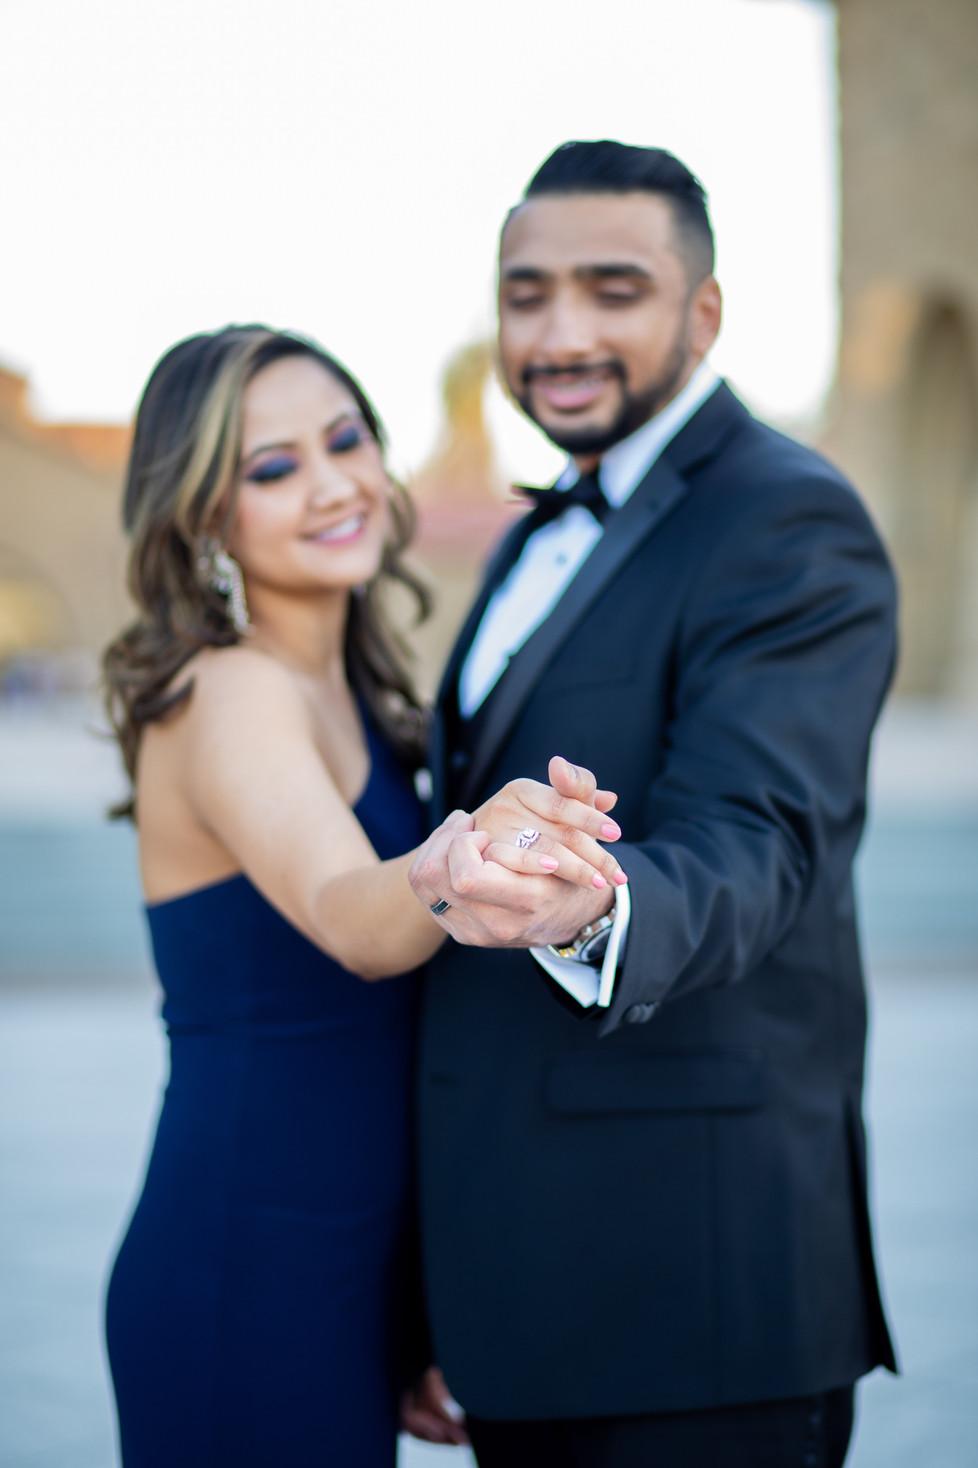 Stanford University Post Wedding Photoshoot